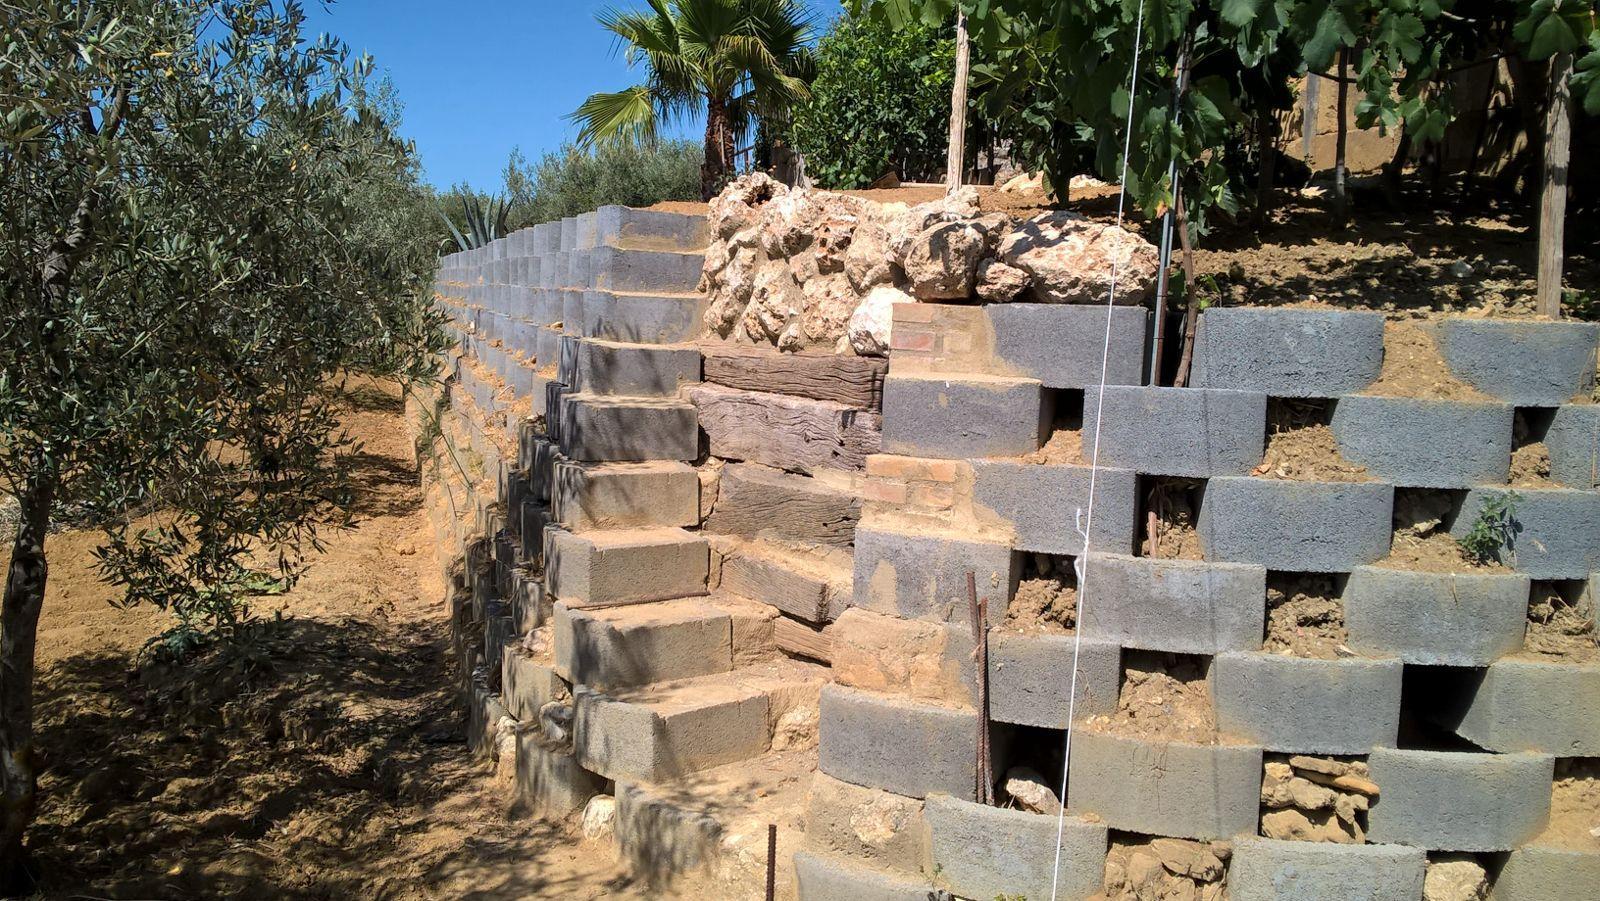 Blocchi In Cemento Per Muri A Secco E Per Mantenimento Scarpate